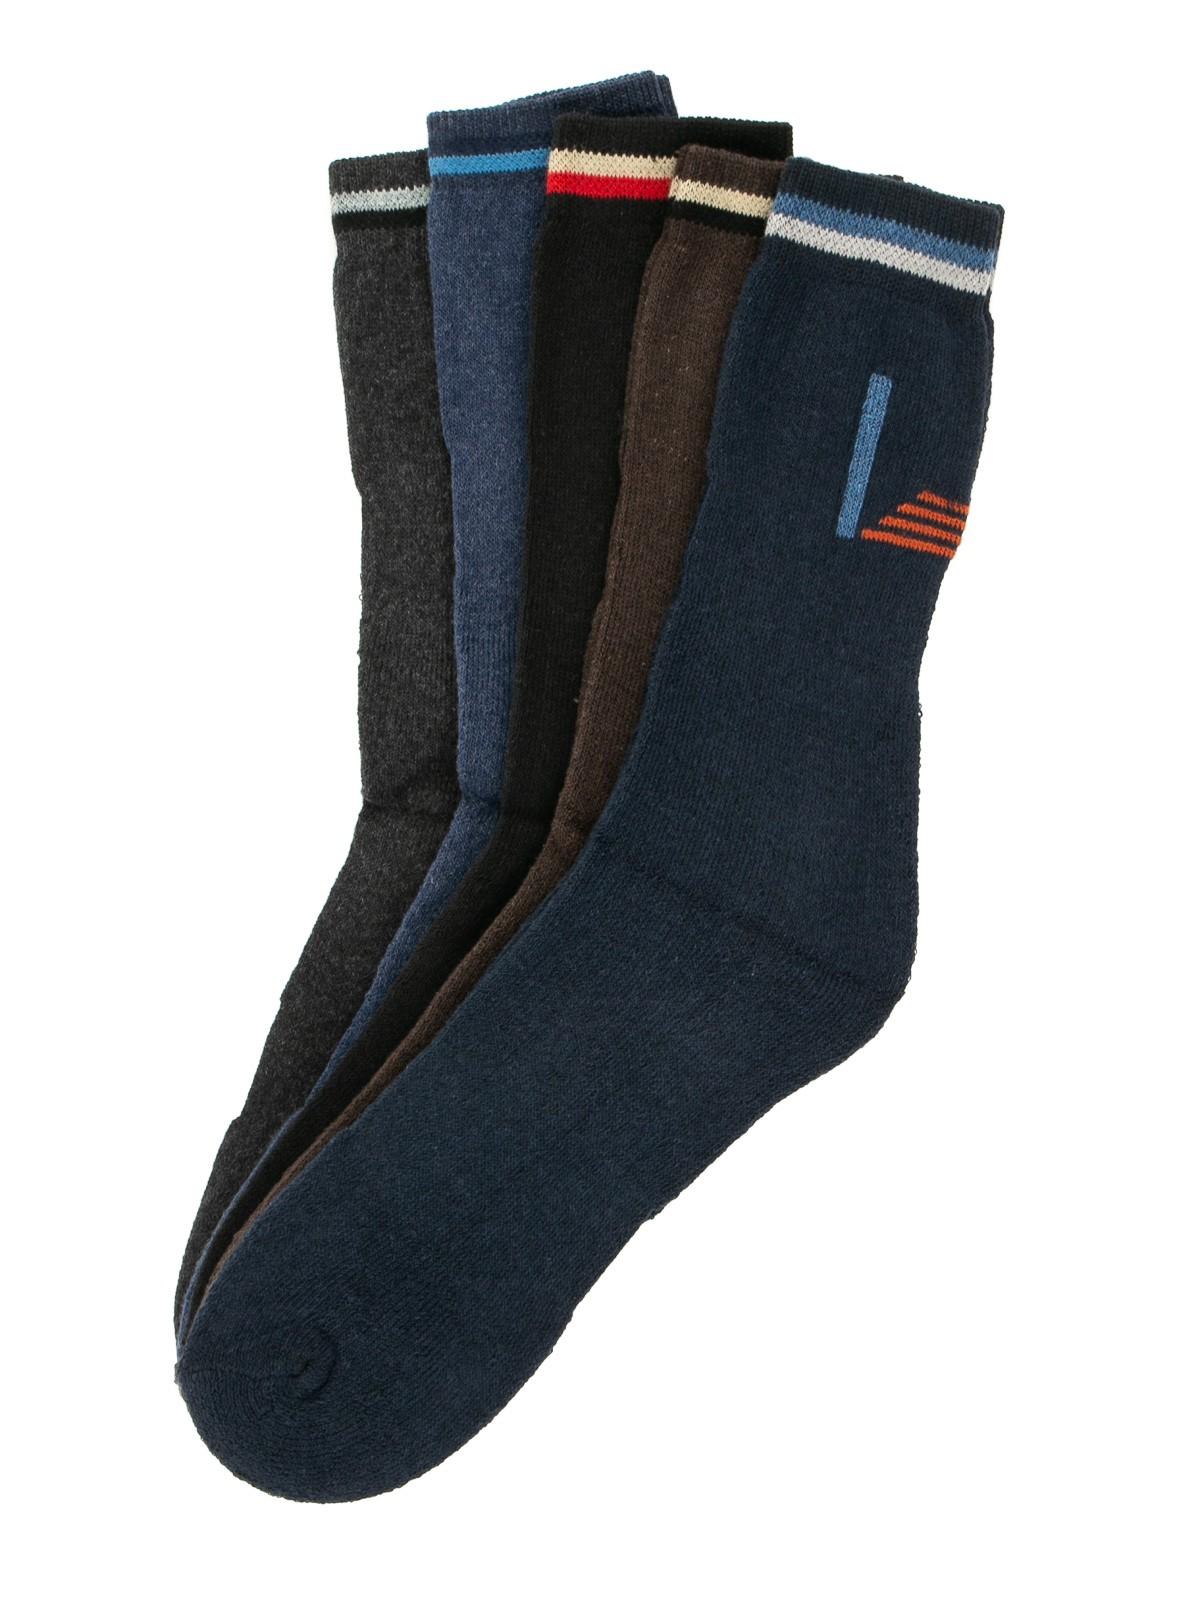 SPGOOD Lot de 5 paires de chaussettes de randonn/ée respirantes pour homme et femme